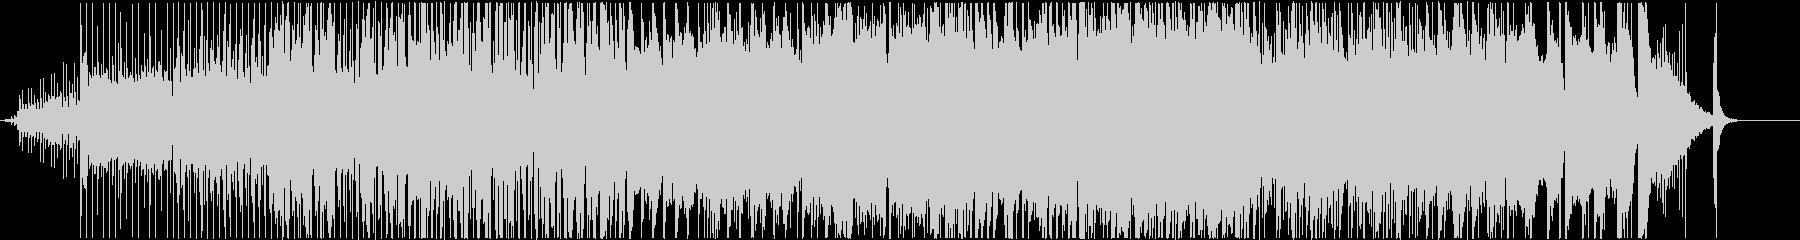 深海イメージのjazz-fusion曲の未再生の波形